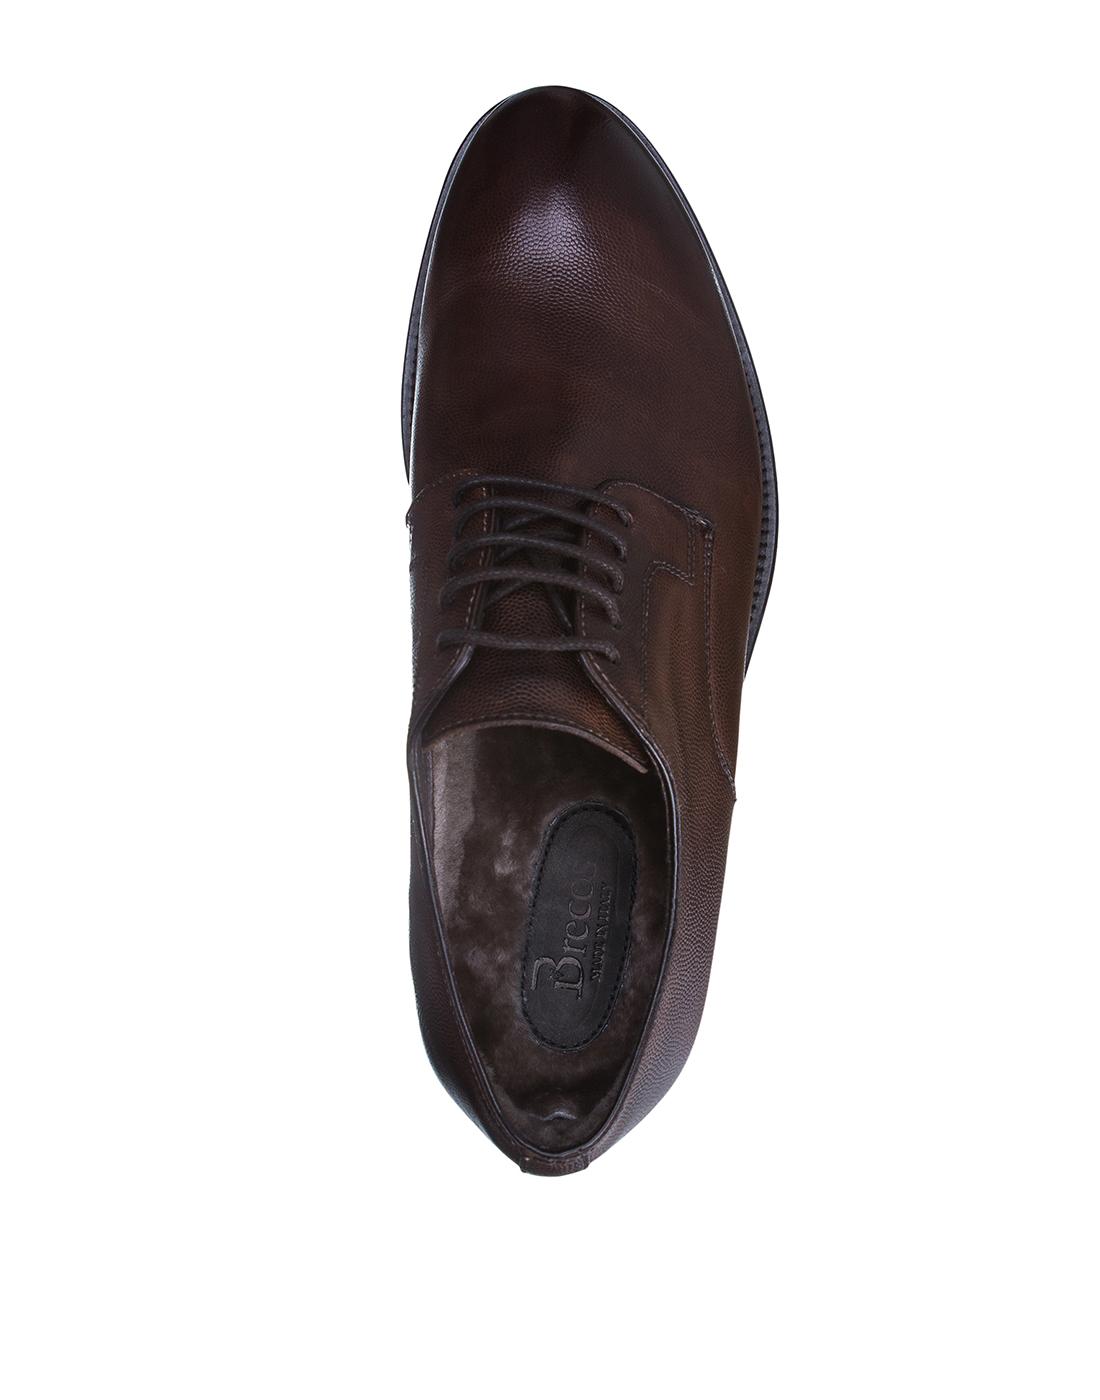 Туфли коричневые мужские Brecos S8109-5